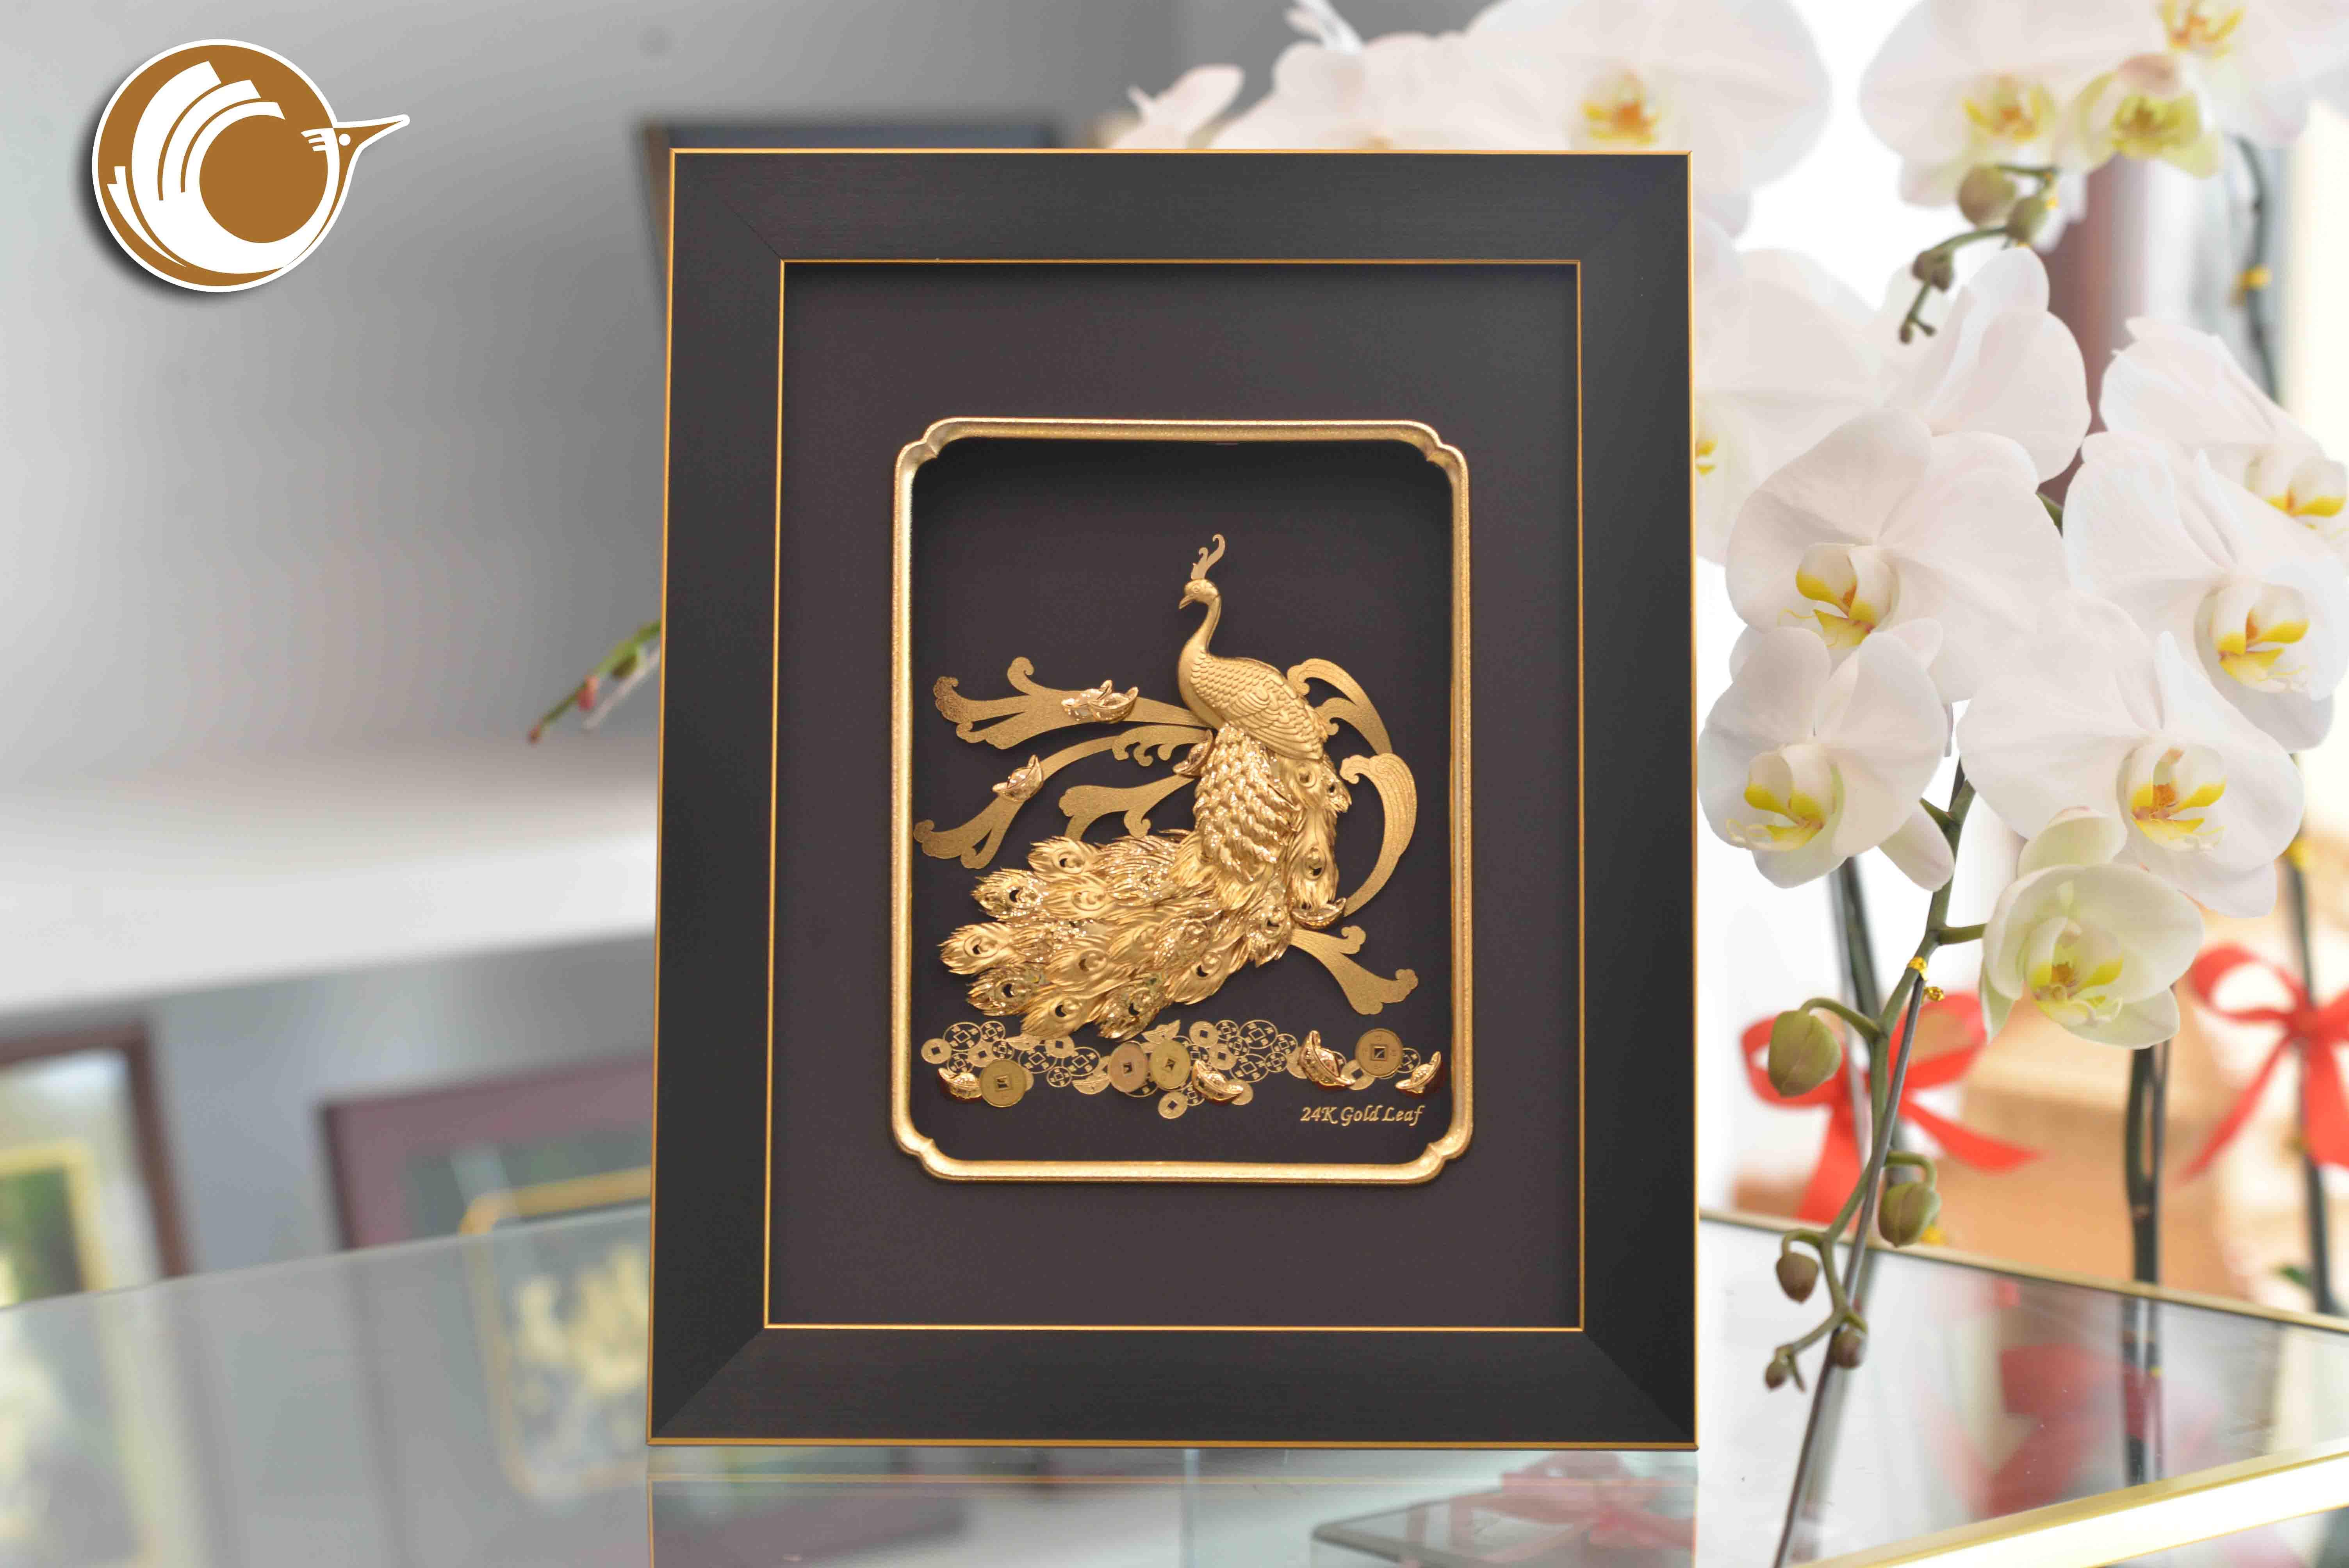 Tranh Chim Công Dát Vàng- quà tặng 20-10 đẹp tinh xảo0